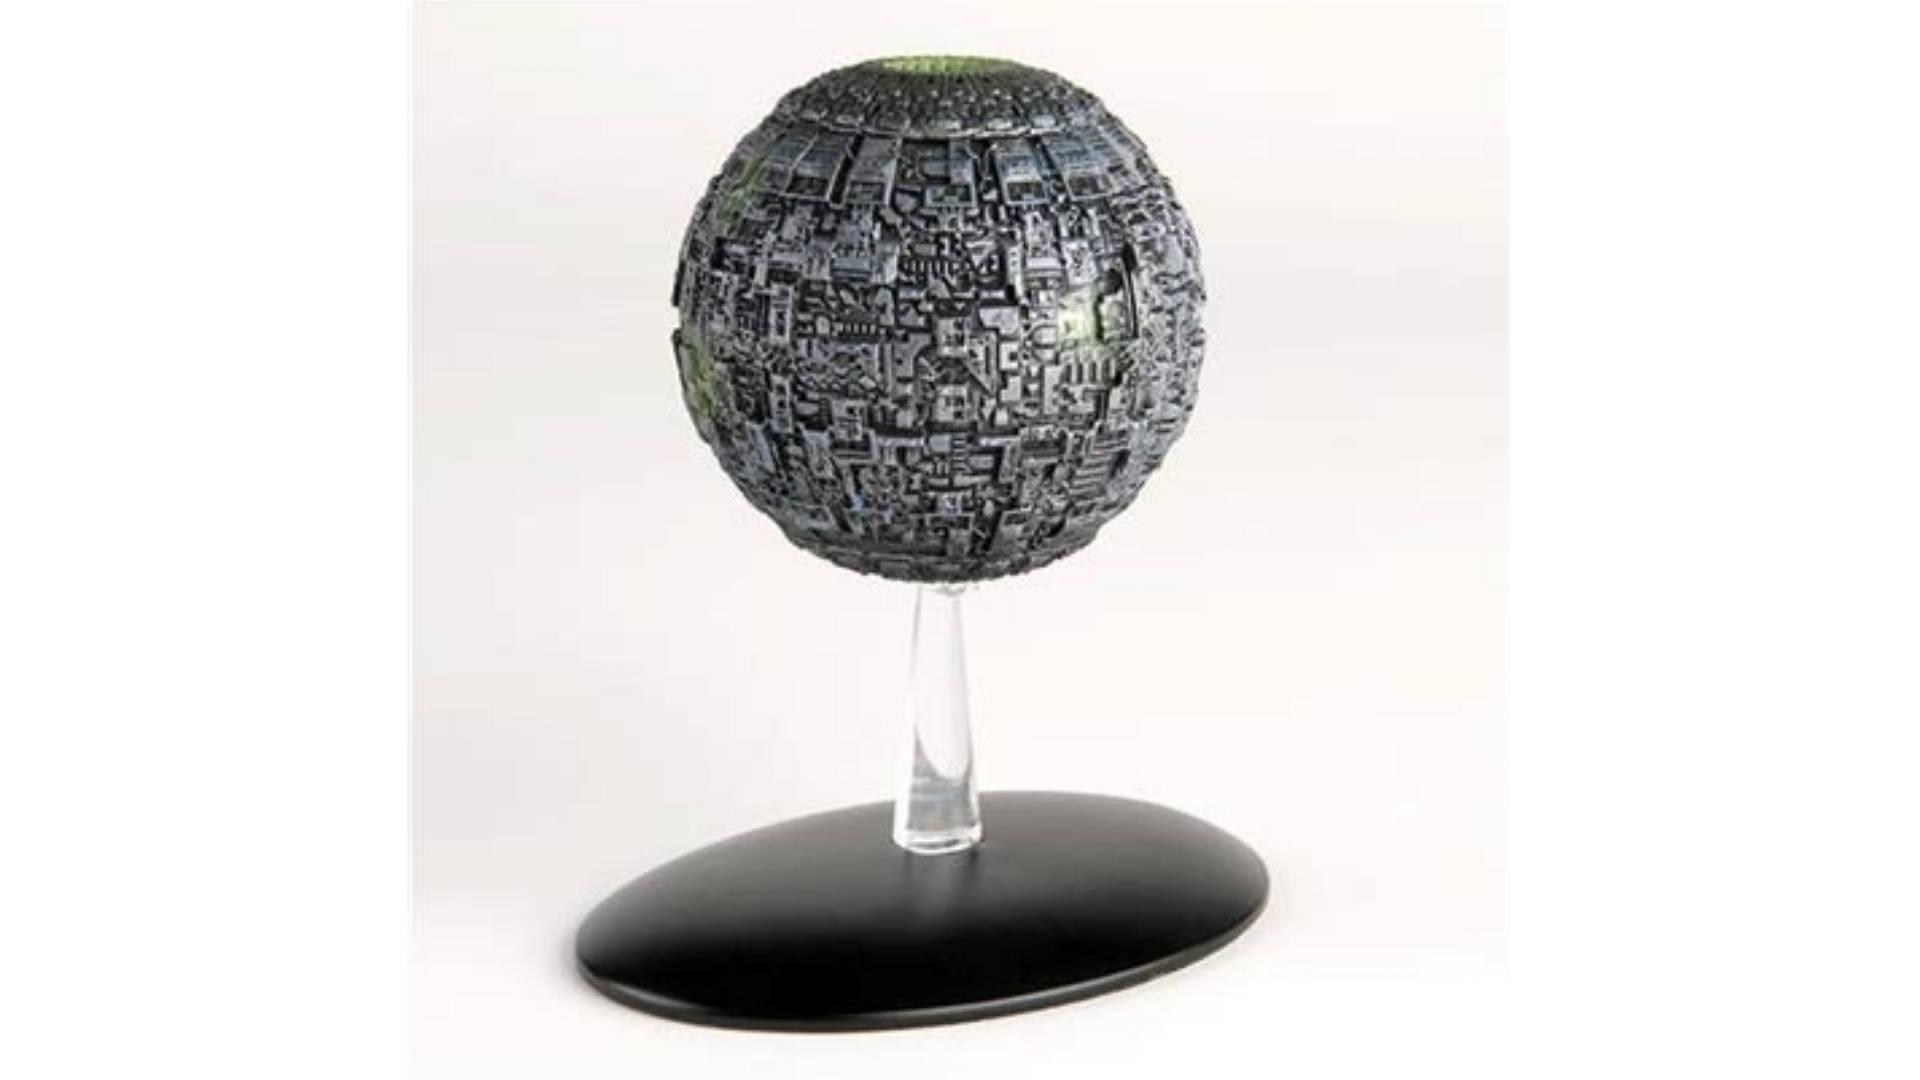 Borg, i migliori gadget a tema